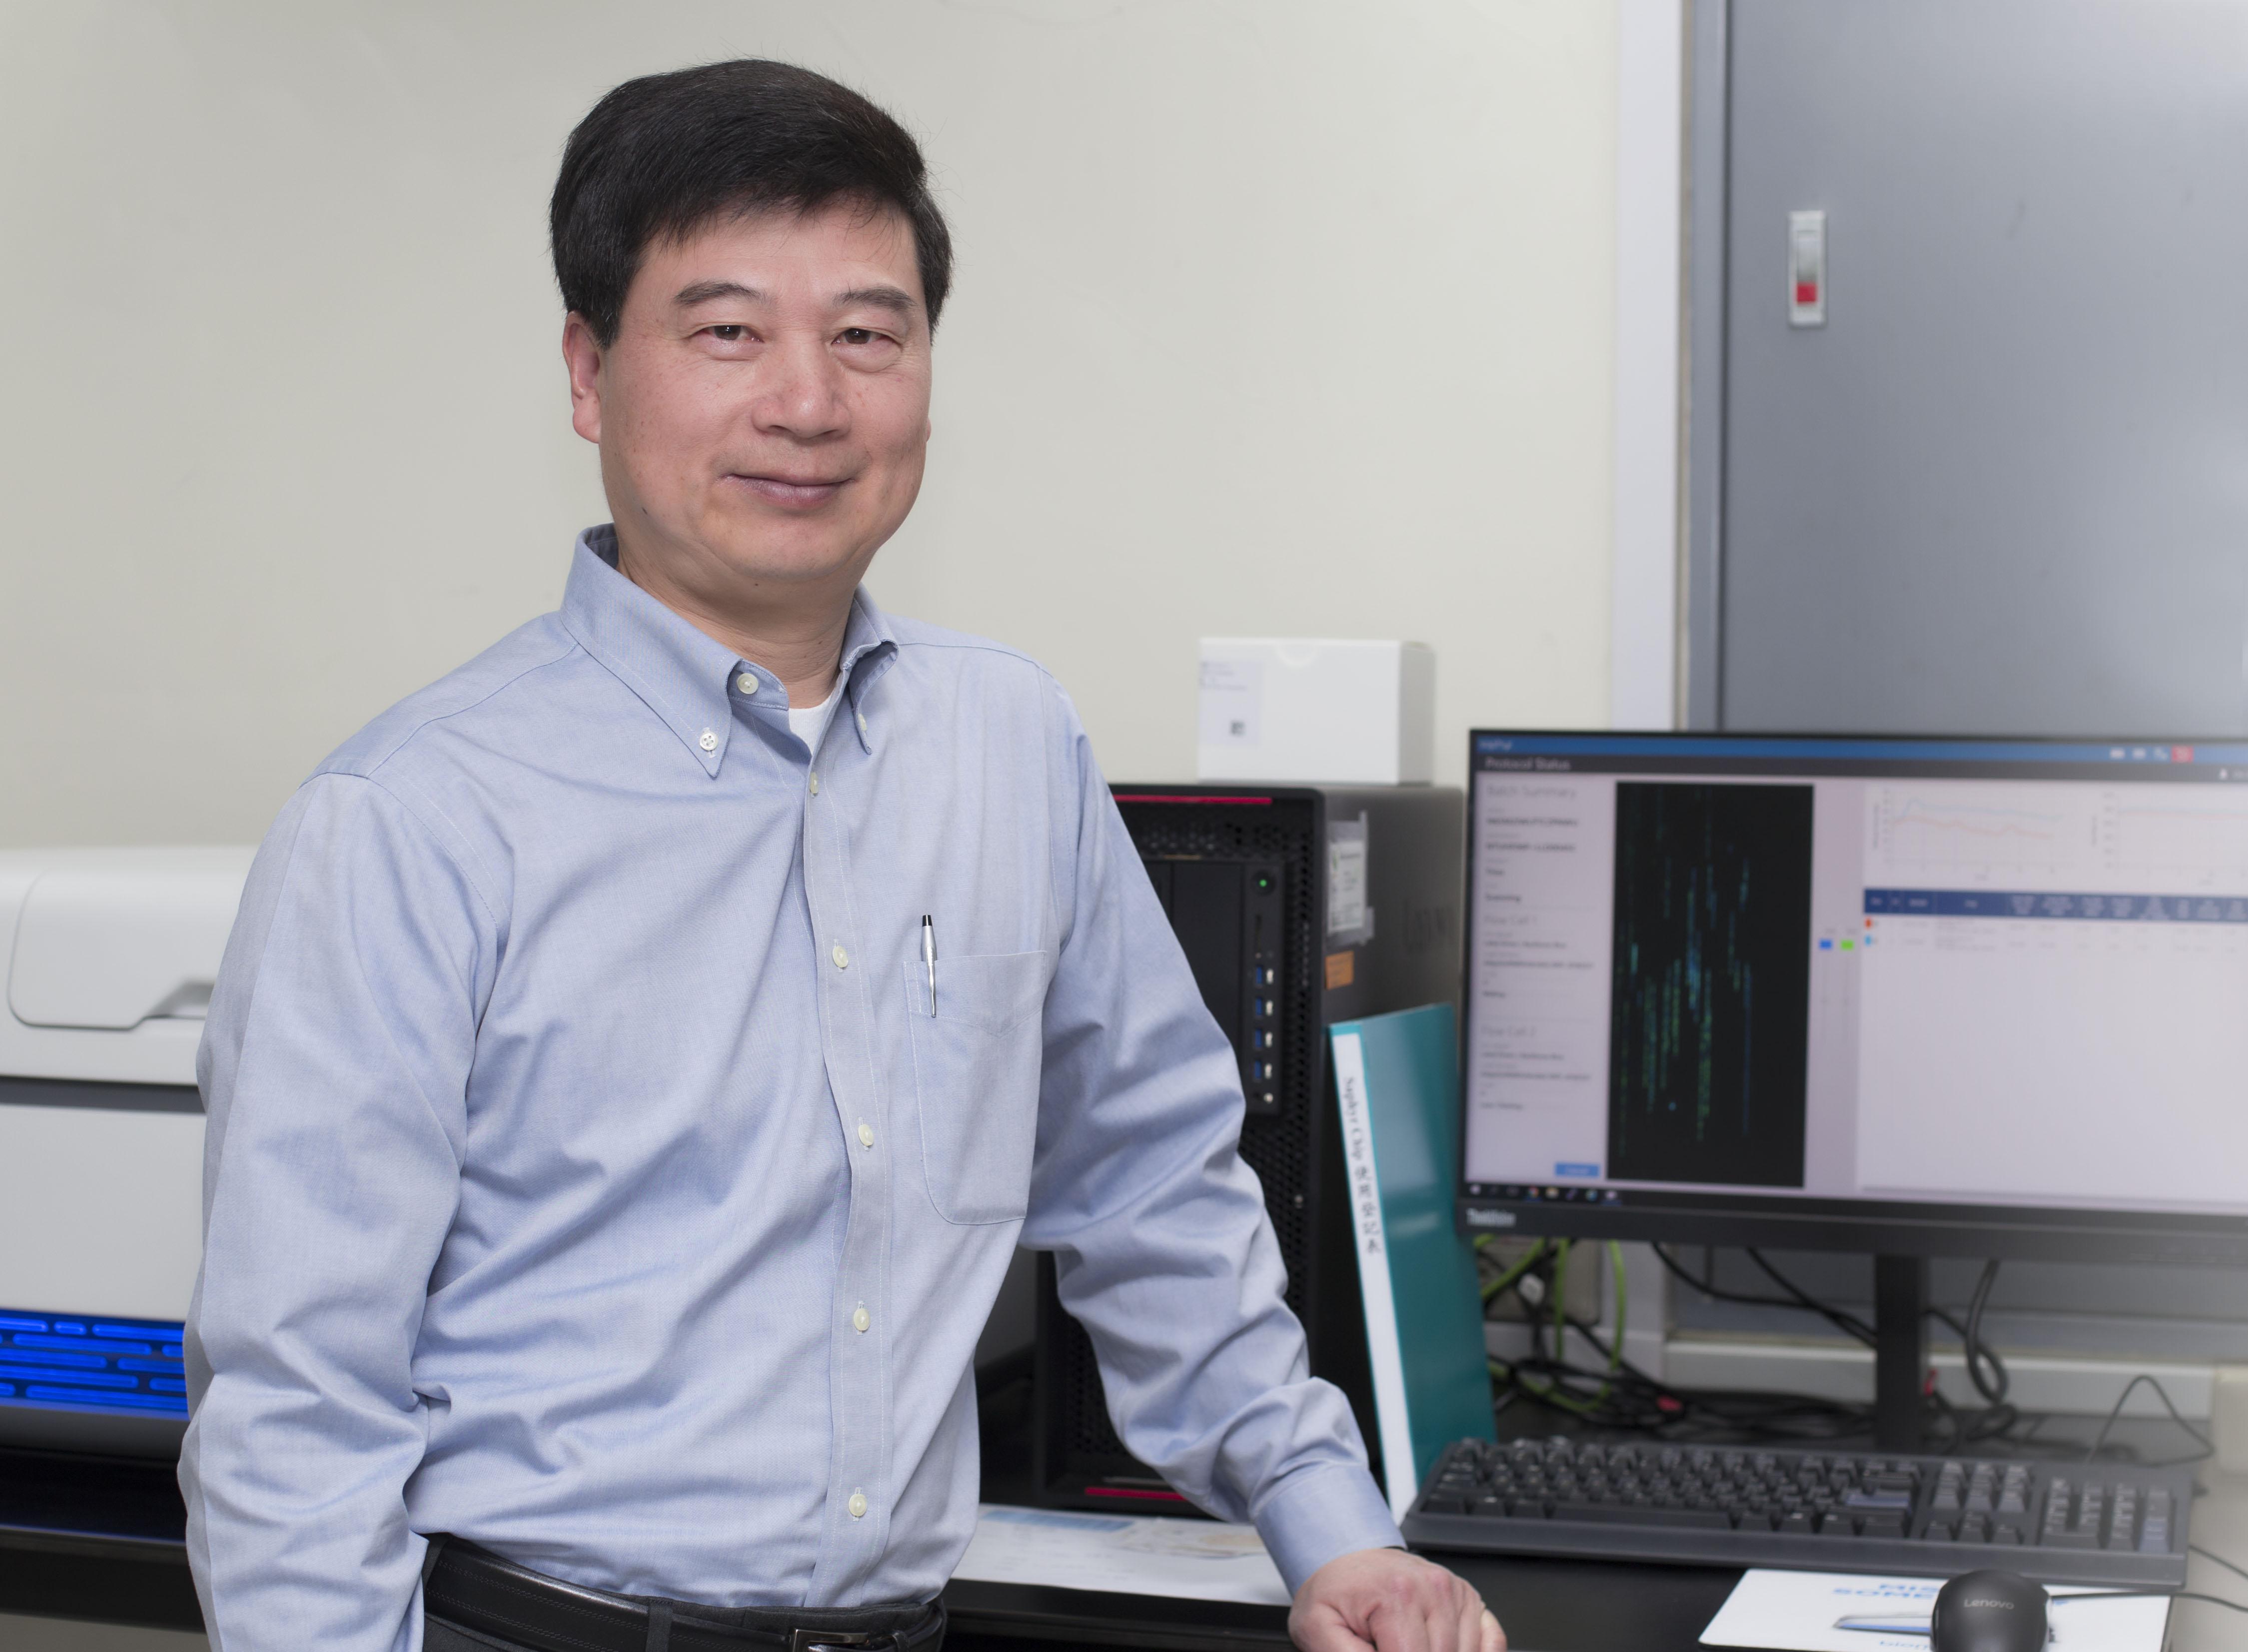 中研院生物醫學科學研究所(簡稱生醫所)所長郭沛恩與研究團隊,正努力推行兩個基因分析計畫:一個針對罕見遺傳疾病;另一個則力求讓大眾問診、用藥更加精確。 攝影│張語辰